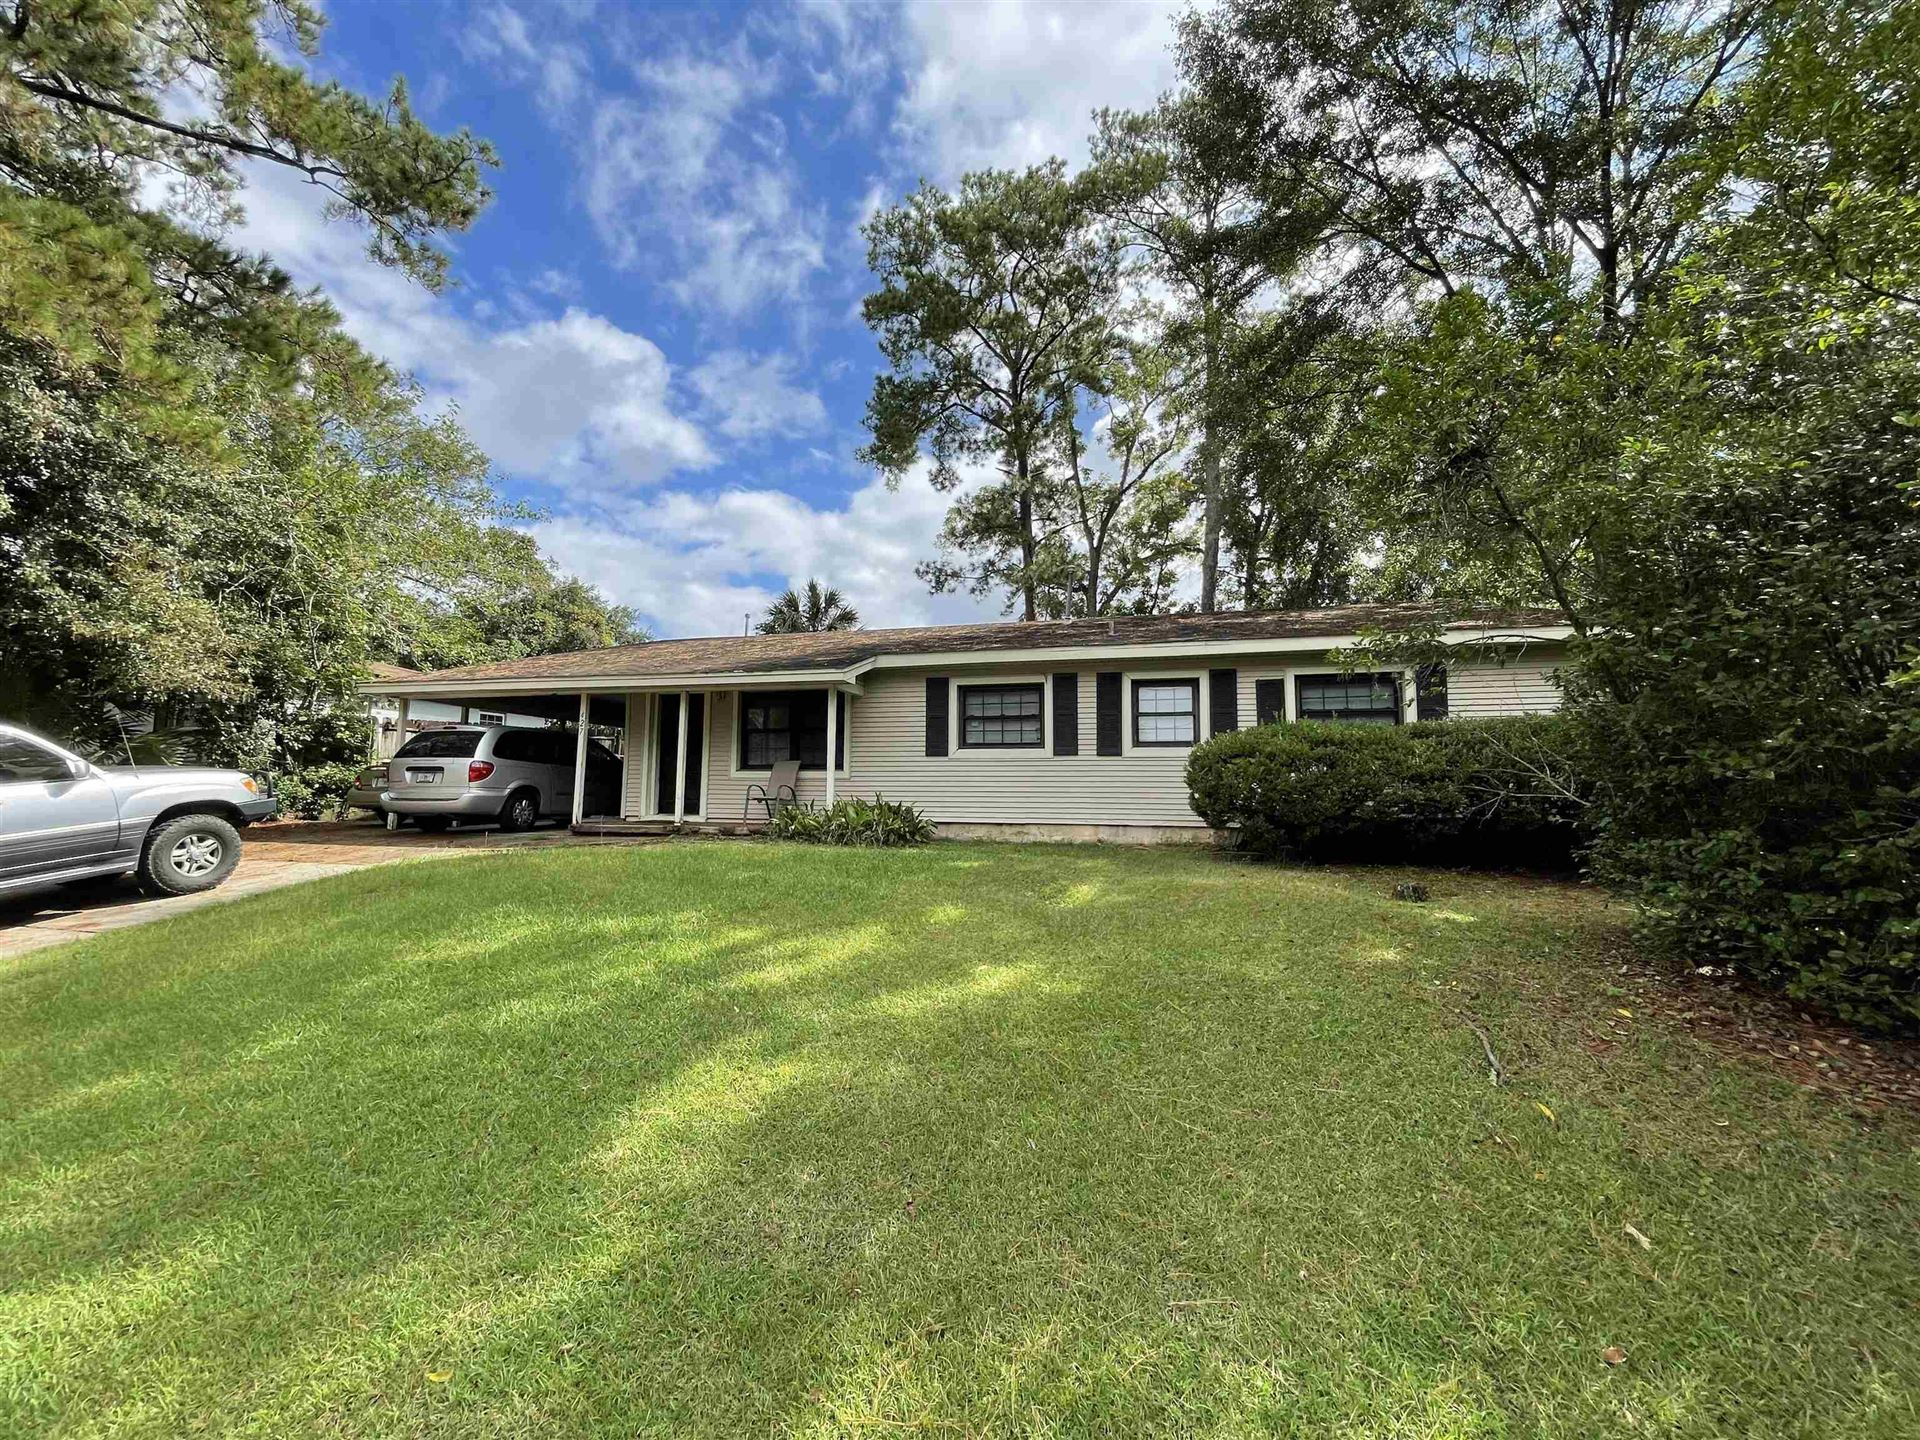 427 Fairbanks Drive, Tallahassee, FL 32304 - MLS#: 338497